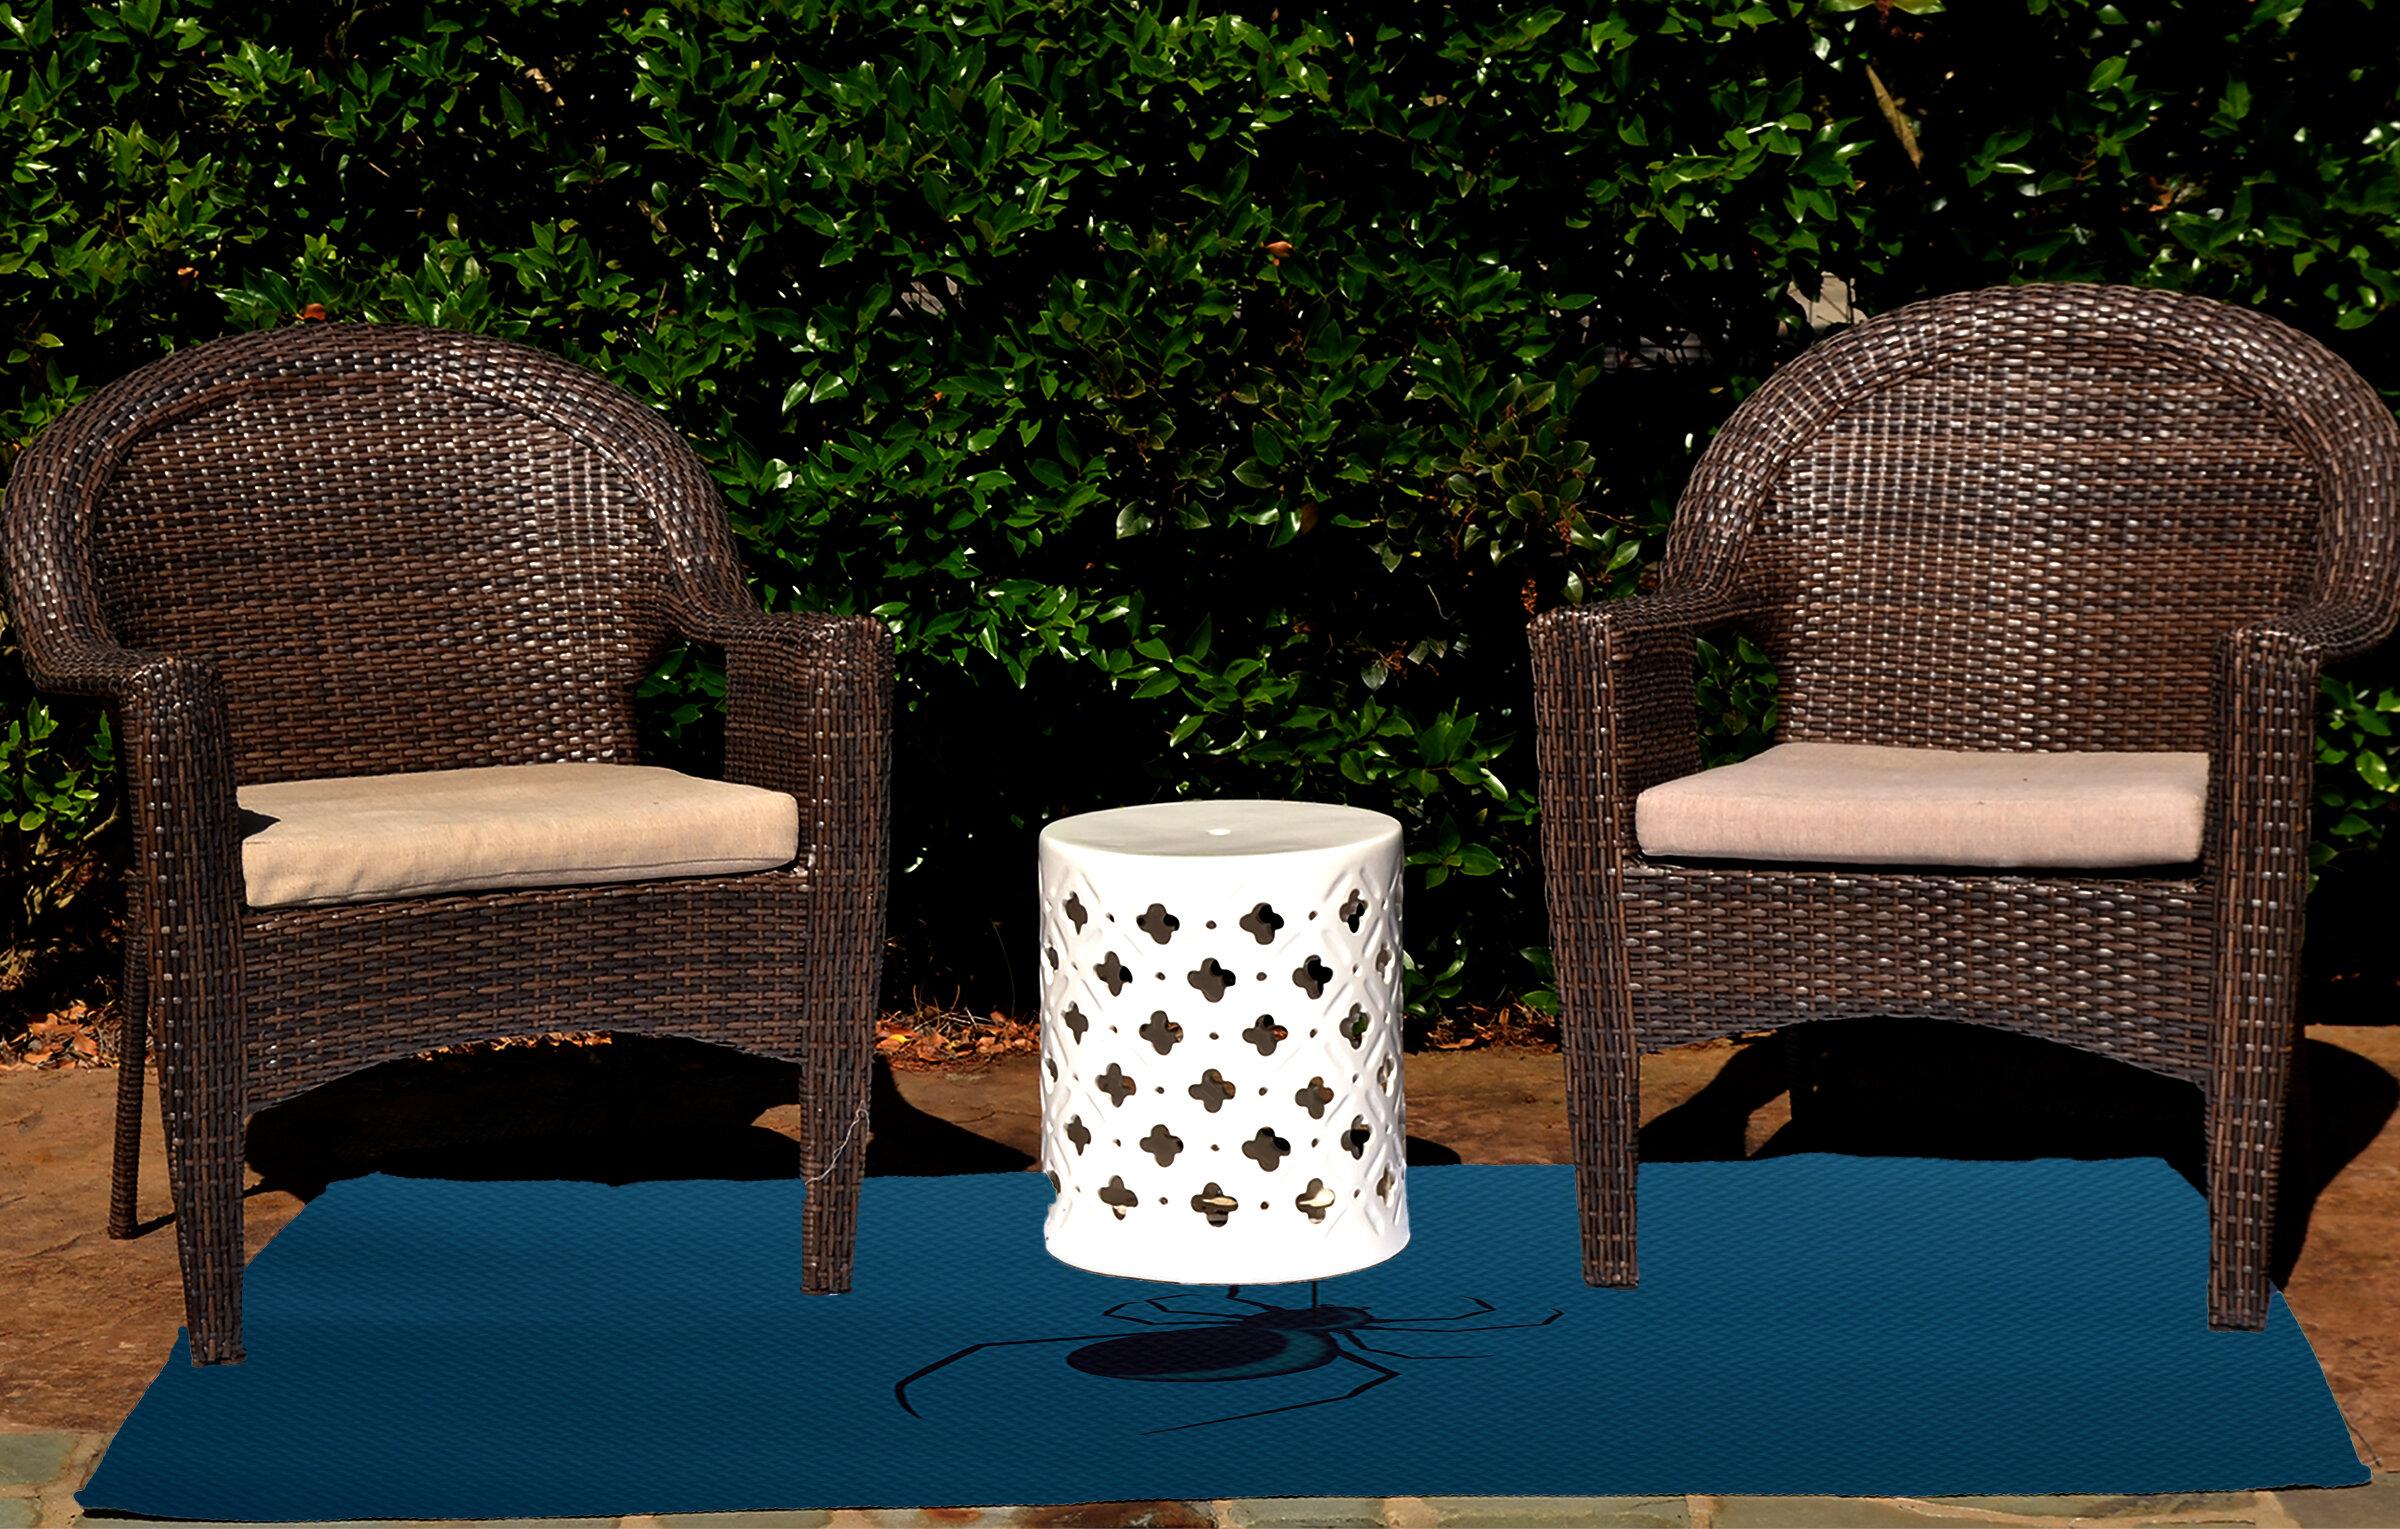 Eeek Holiday Print Teal Indoor Outdoor Area Rug